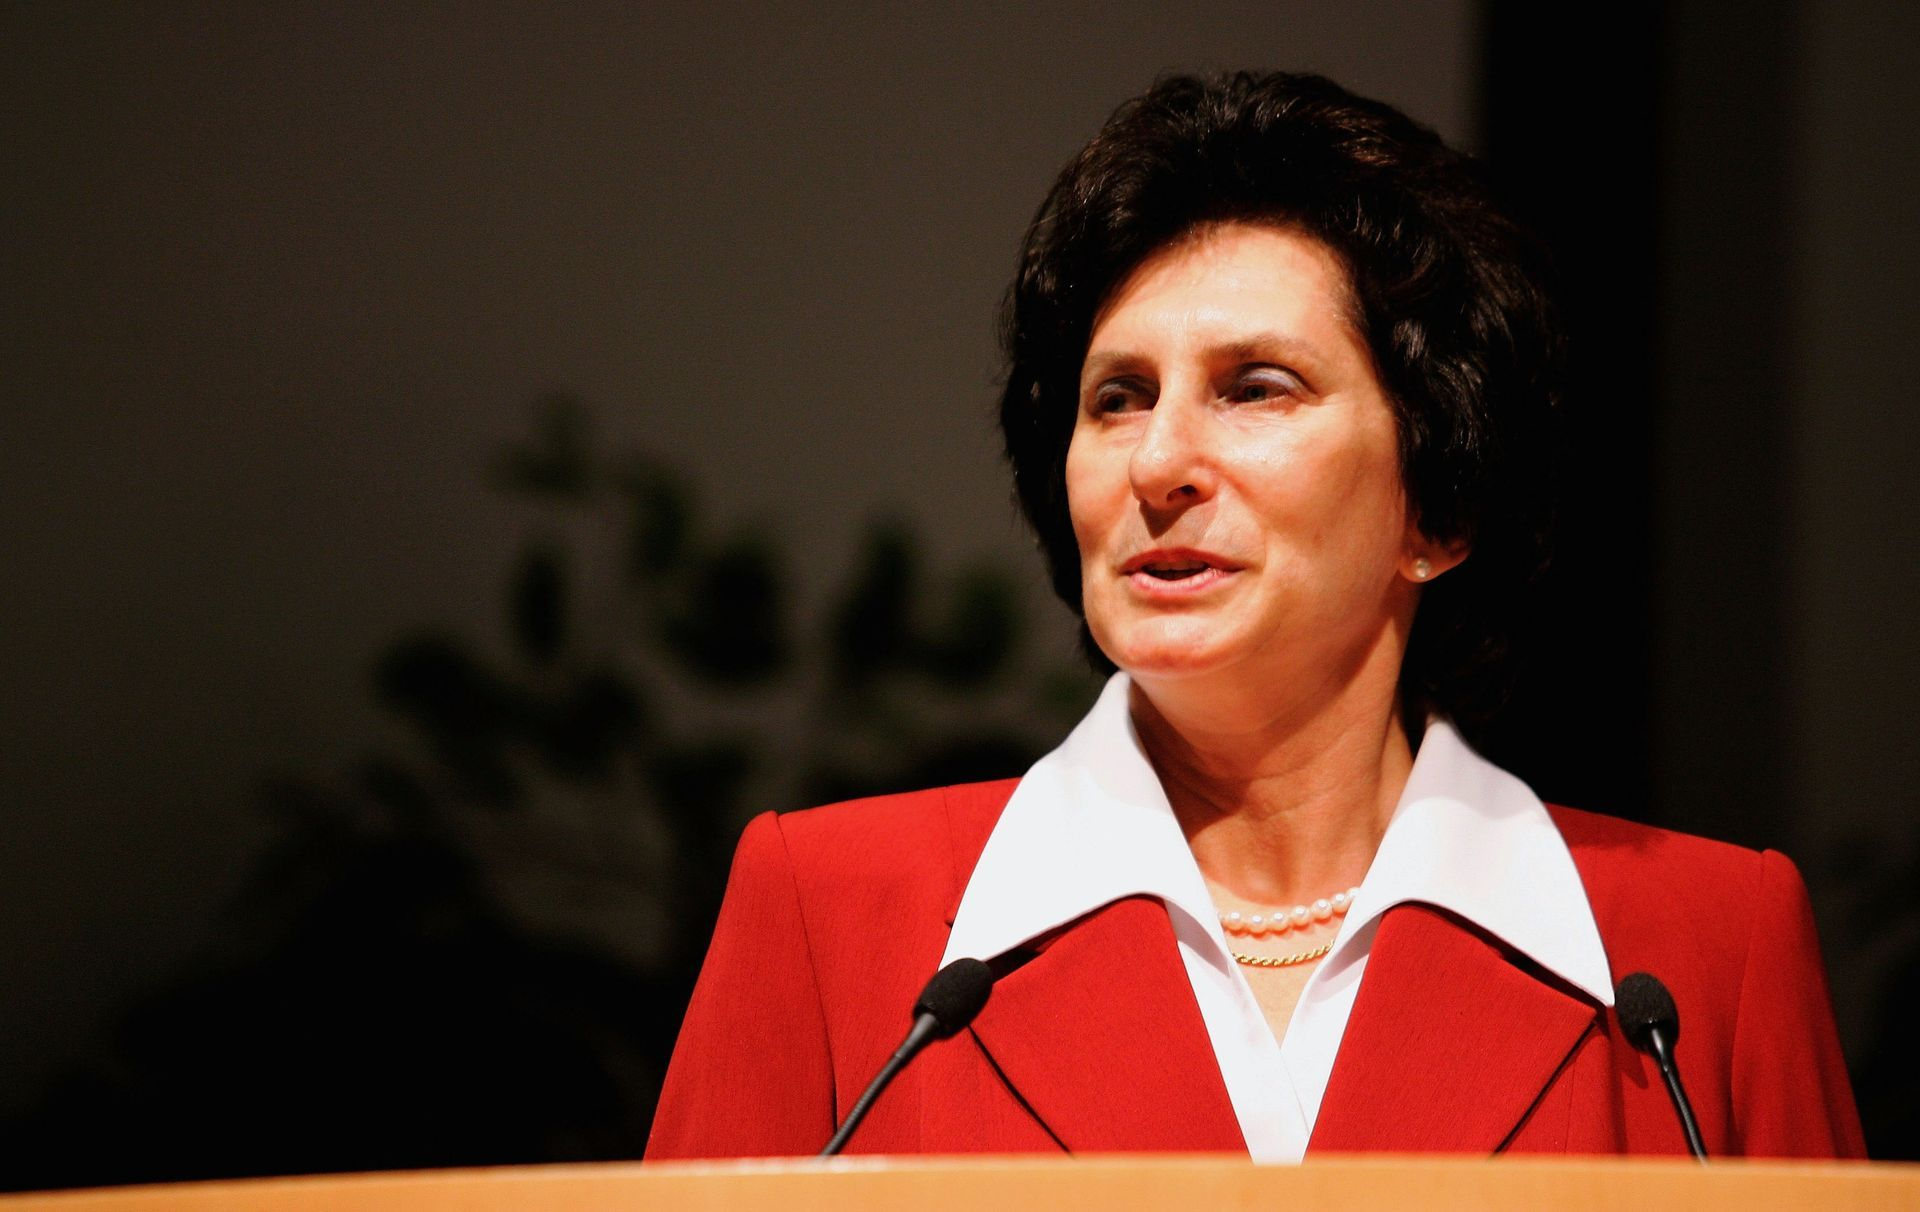 Член на МОК от 1998 г.